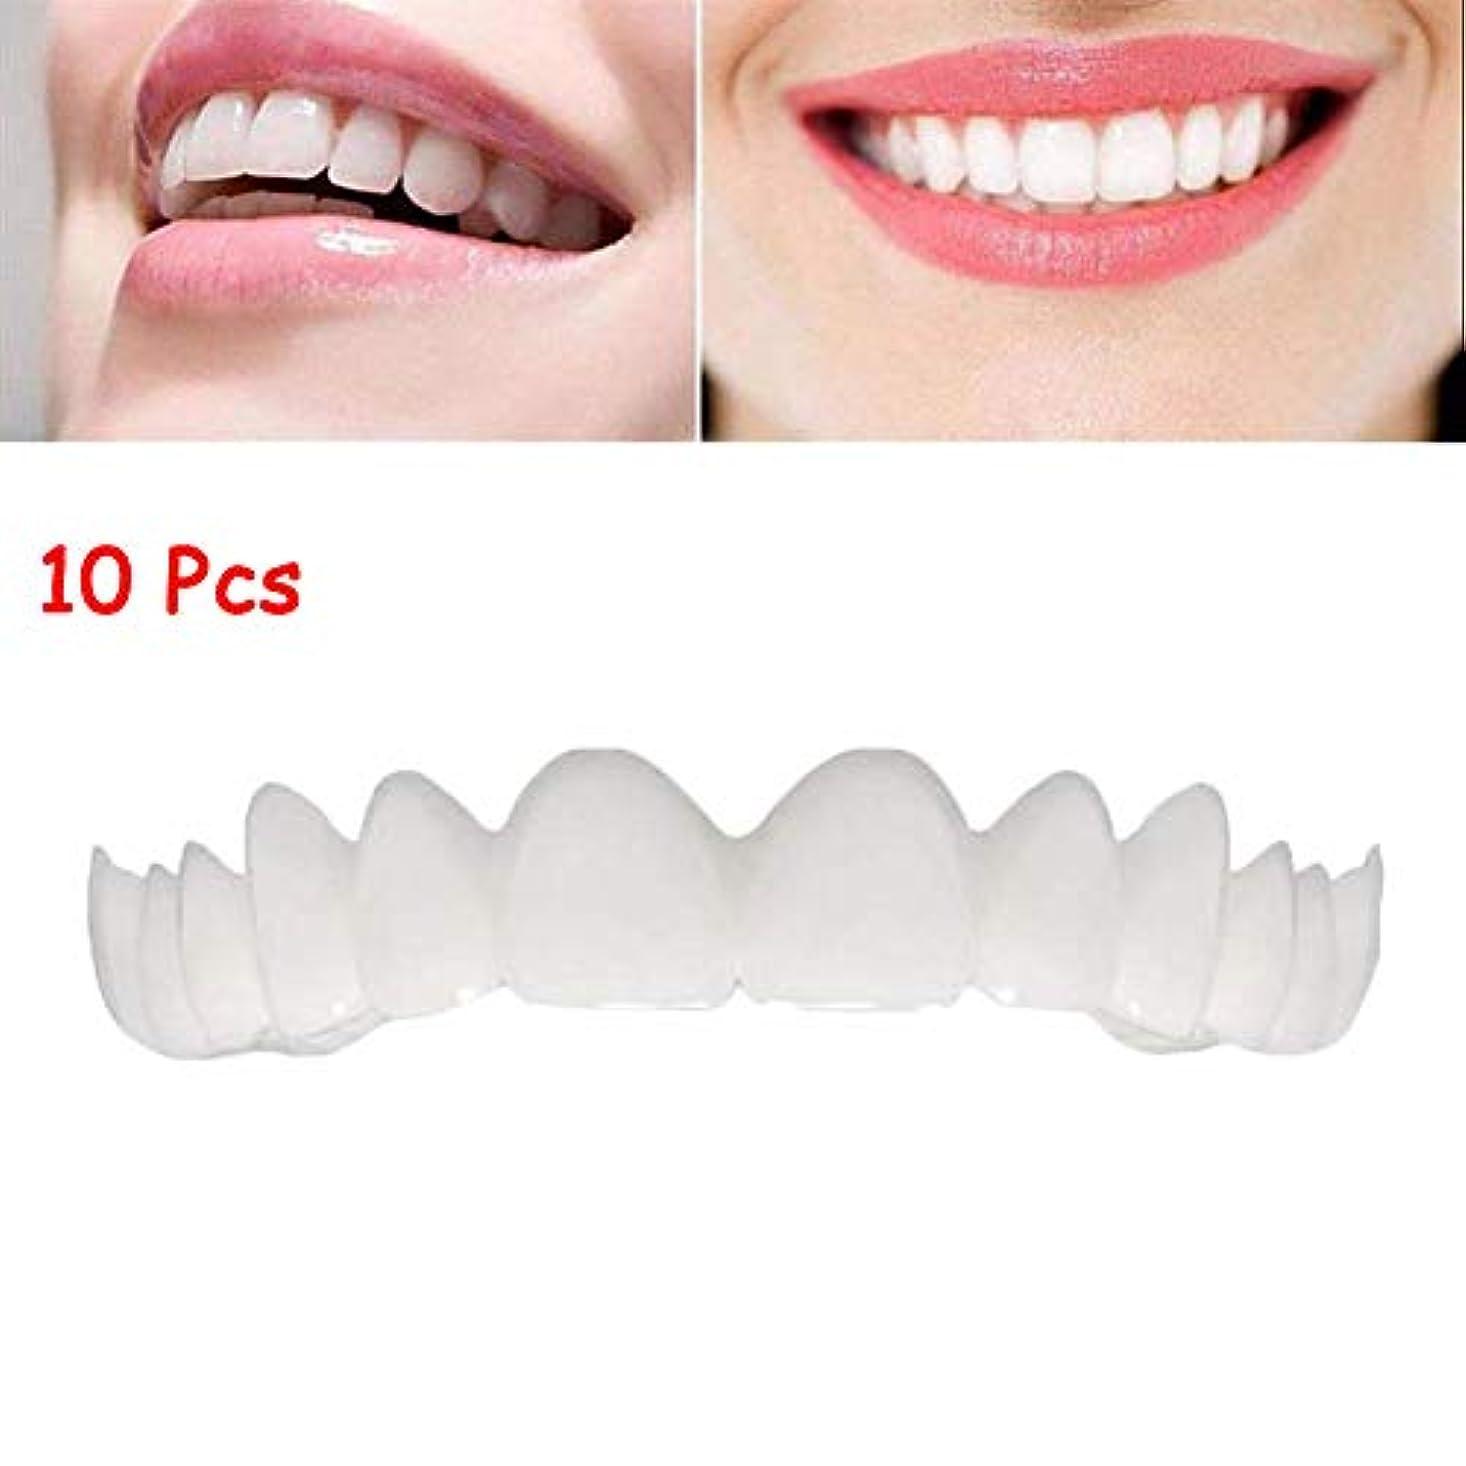 雑草添付どちらか10本の一時的な化粧品の歯義歯歯の化粧品模擬装具アッパーブレースホワイトニング歯スナップキャップインスタント快適なフレックスパーフェクトベニア